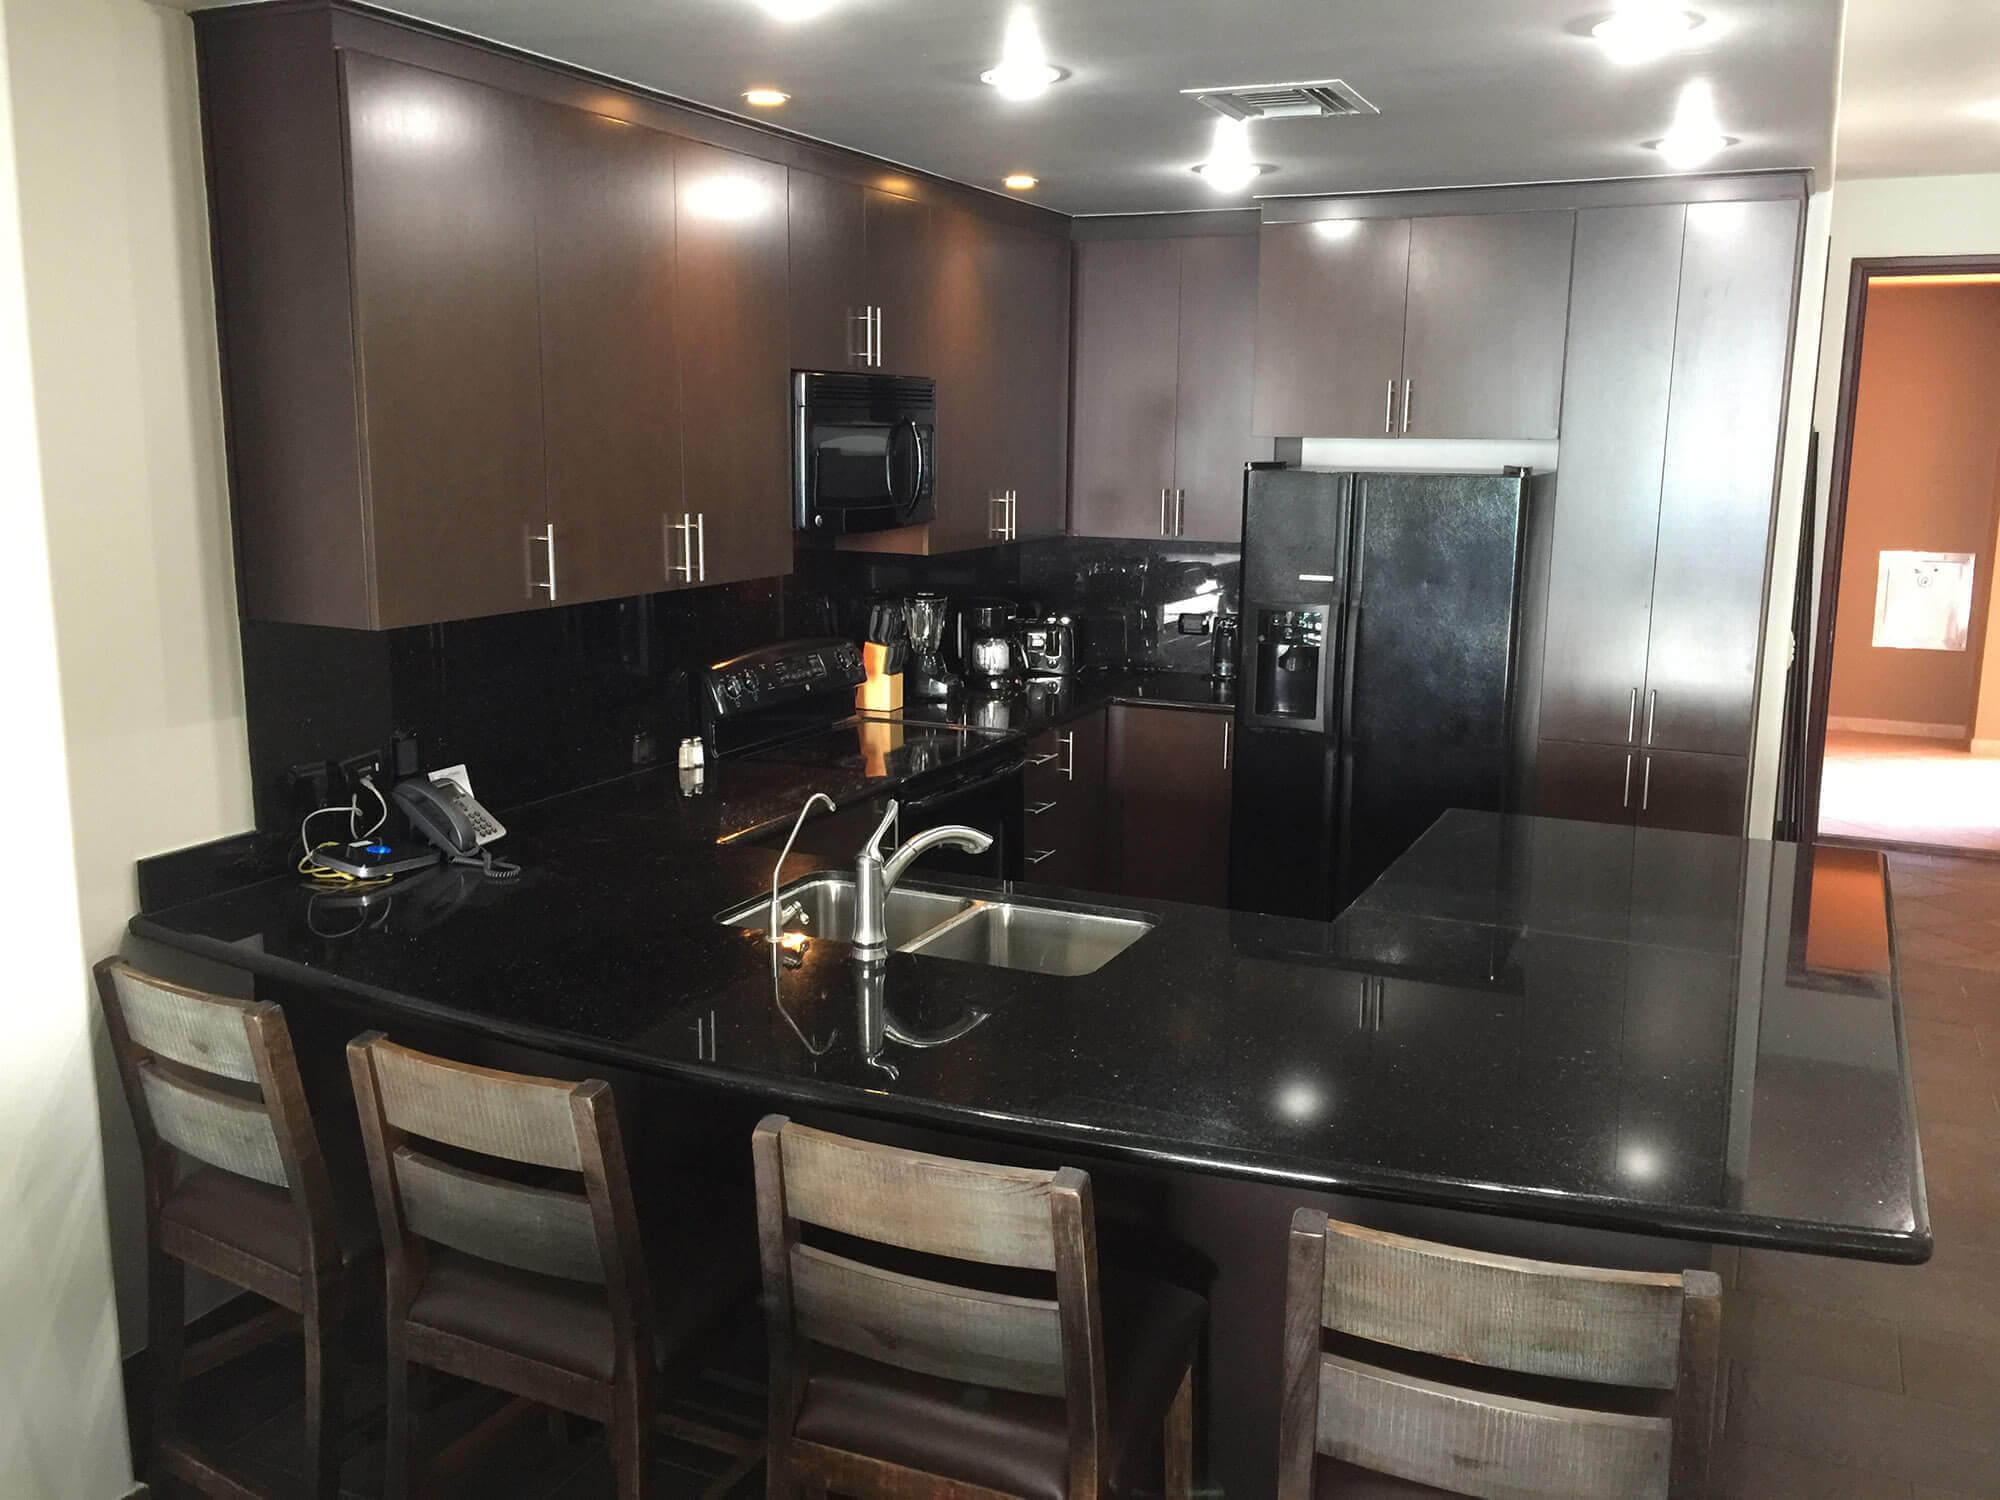 Rentals in rocky point las palomas coronado 803 - Bar area in kitchen ...